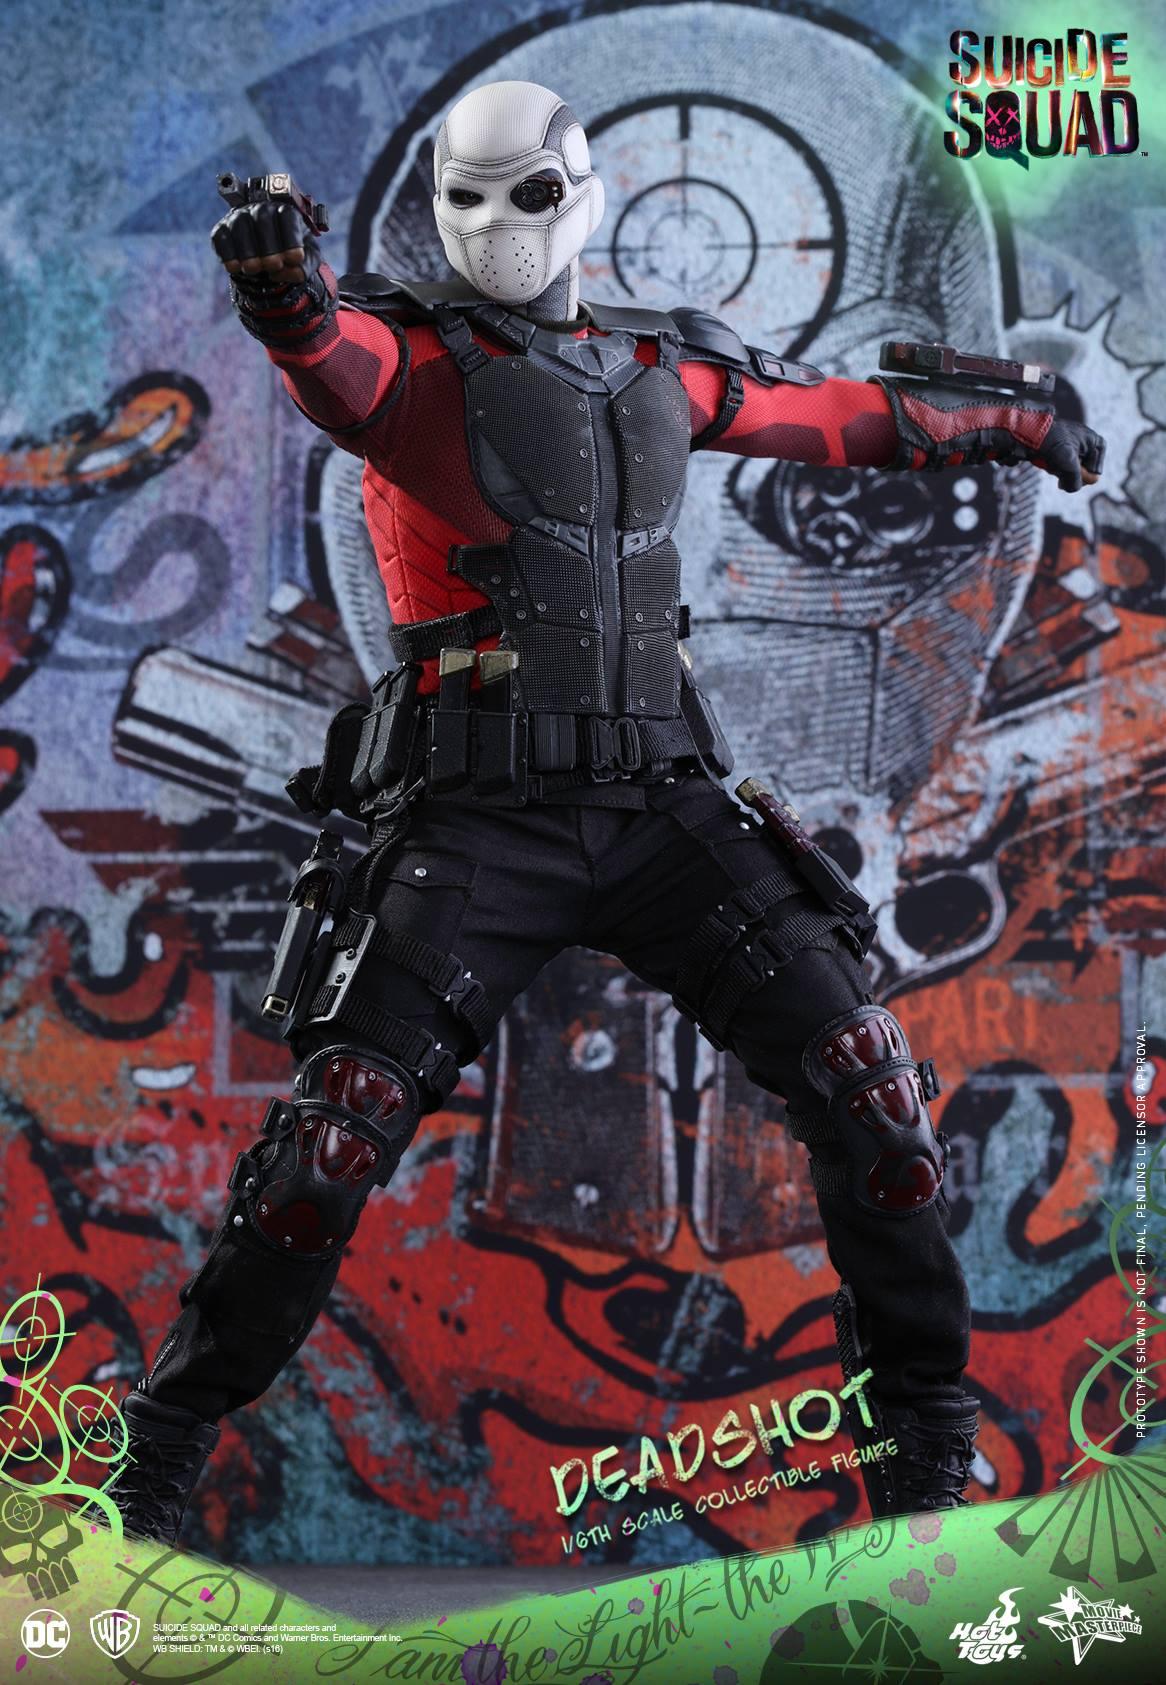 Hot-Toys-Suicide-Squad-Deadshot-2